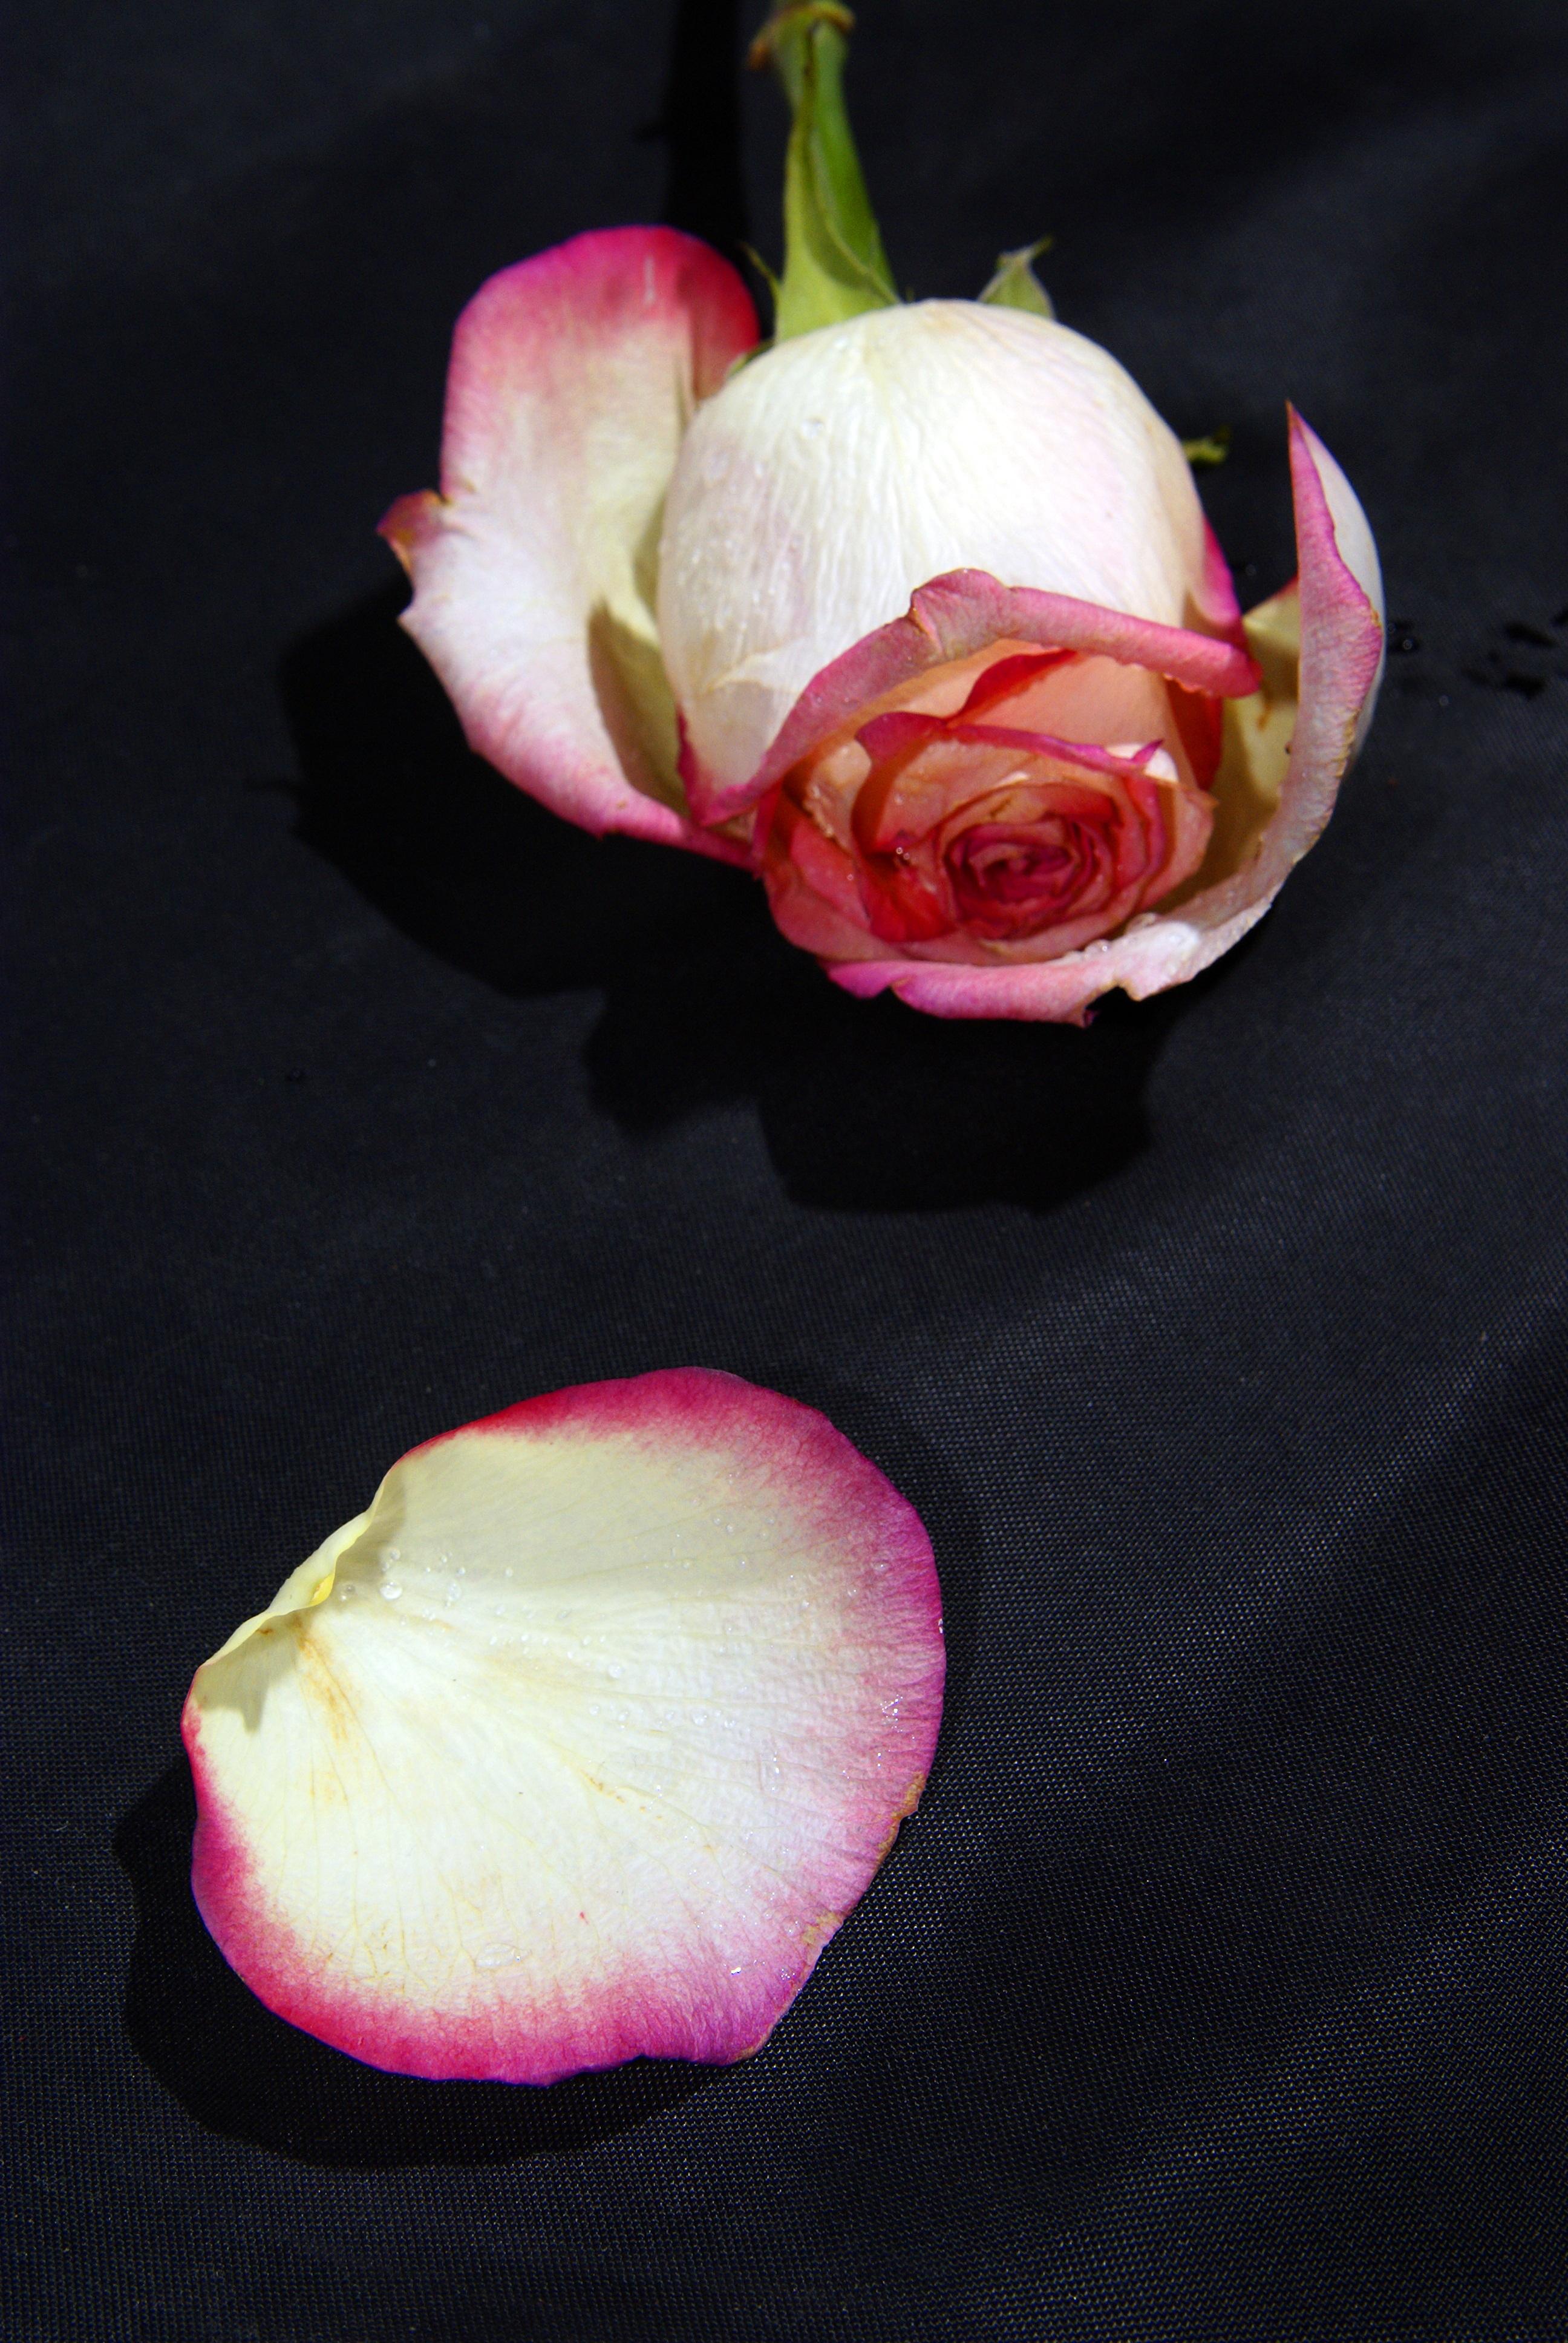 images gratuites : main, feuille, fleur, pétale, tristesse, rouge